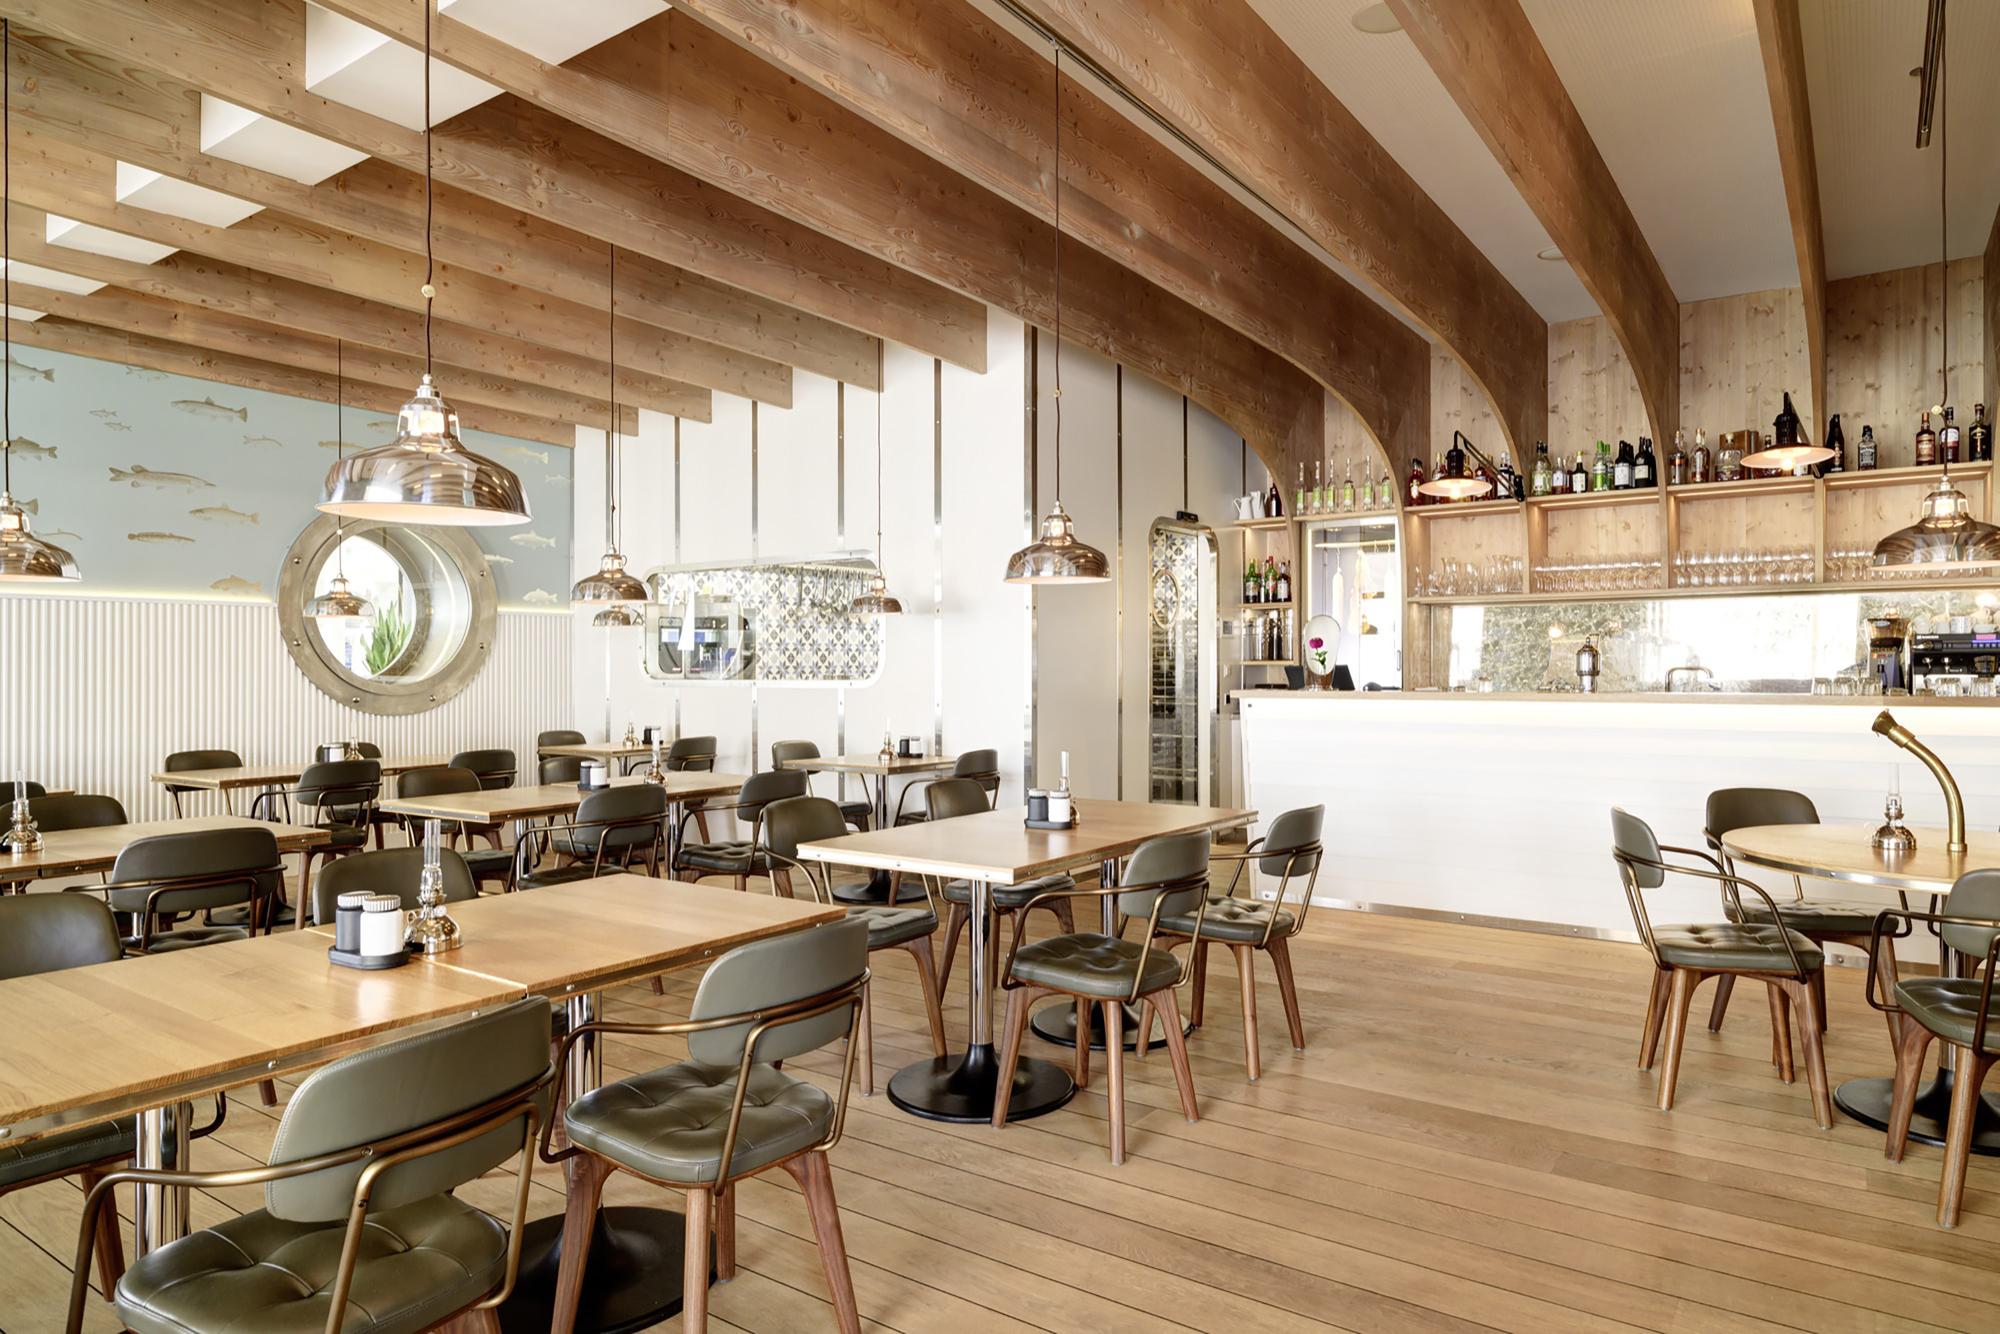 Restaurant hafen susanne fritz architekten archdaily